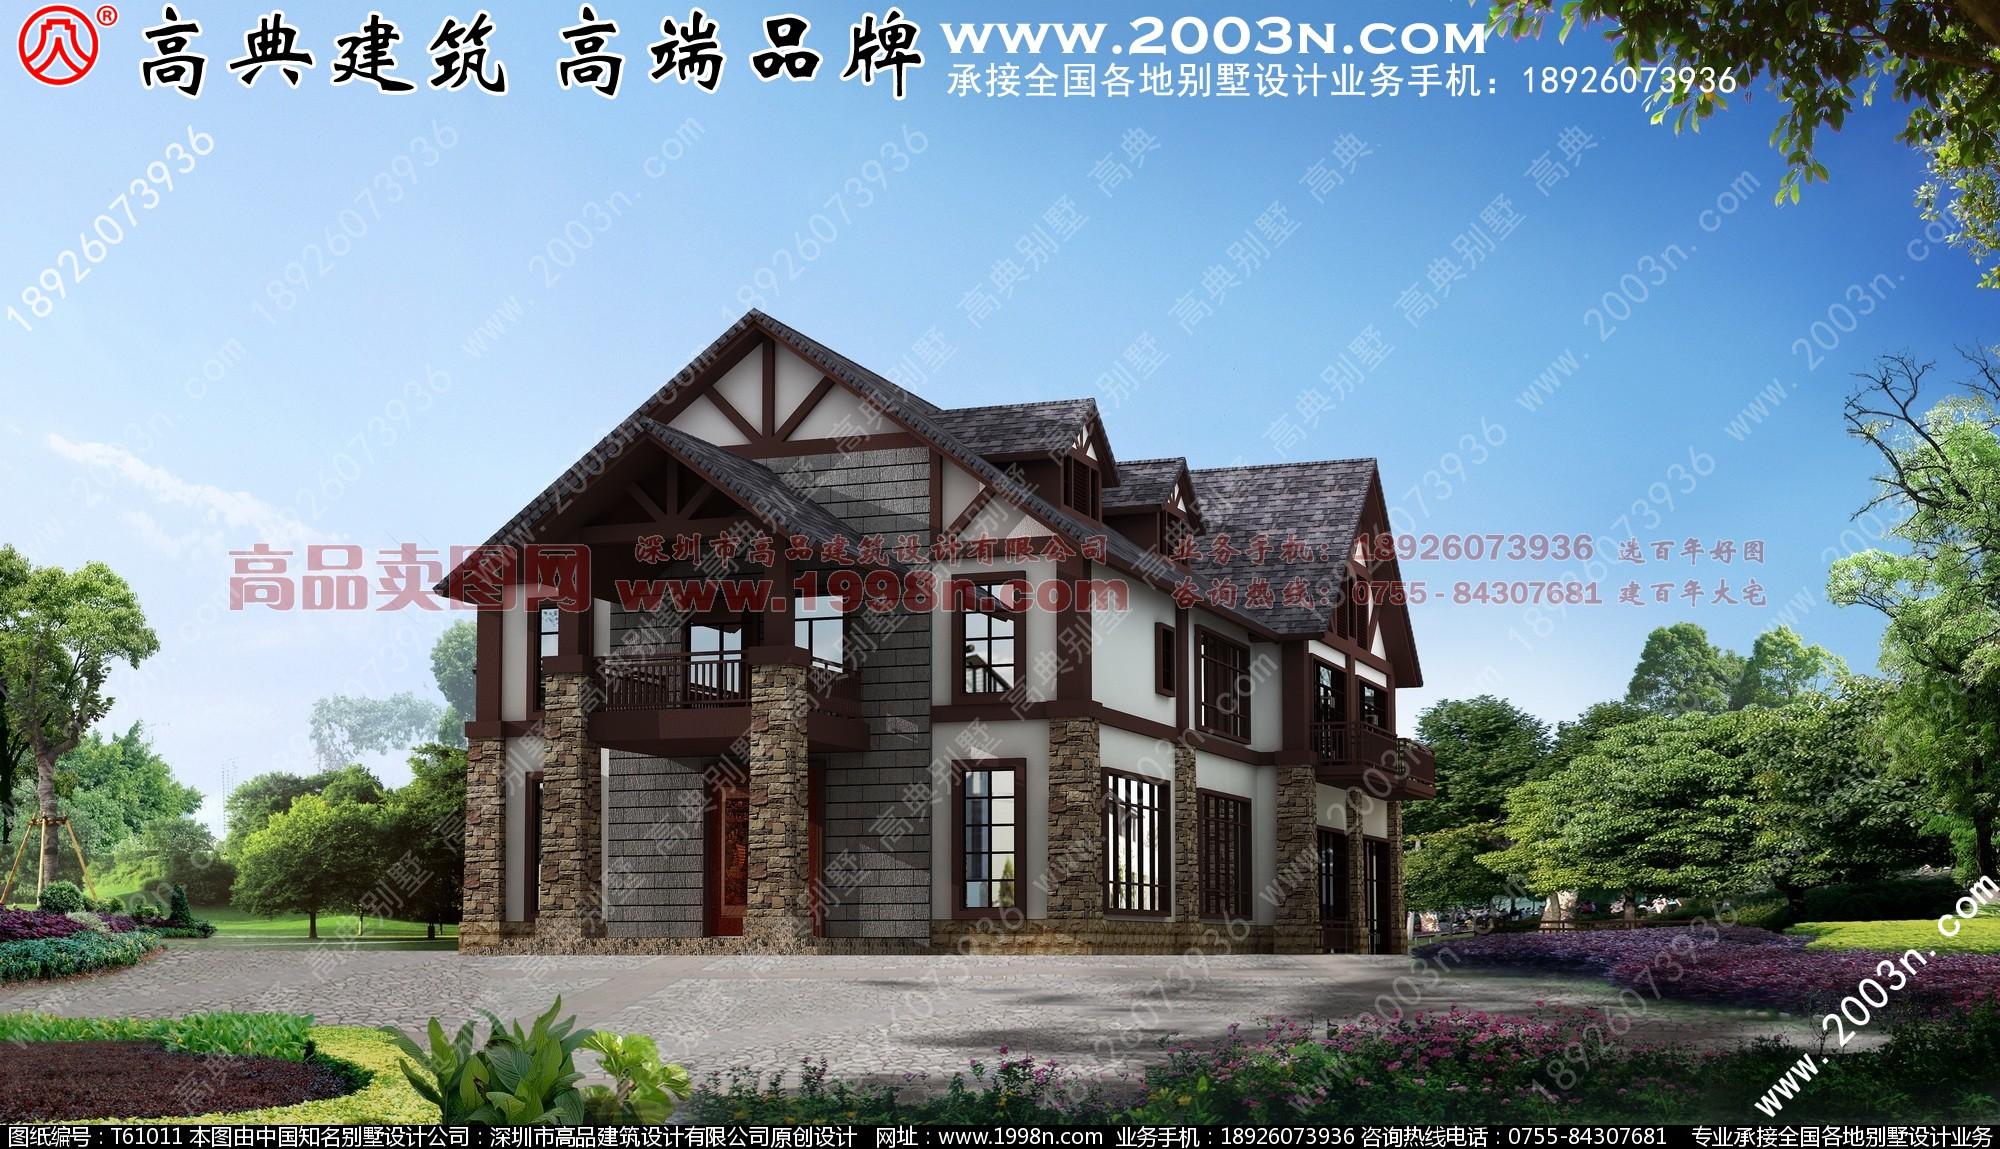 鲁班设计农村房屋设计图大全